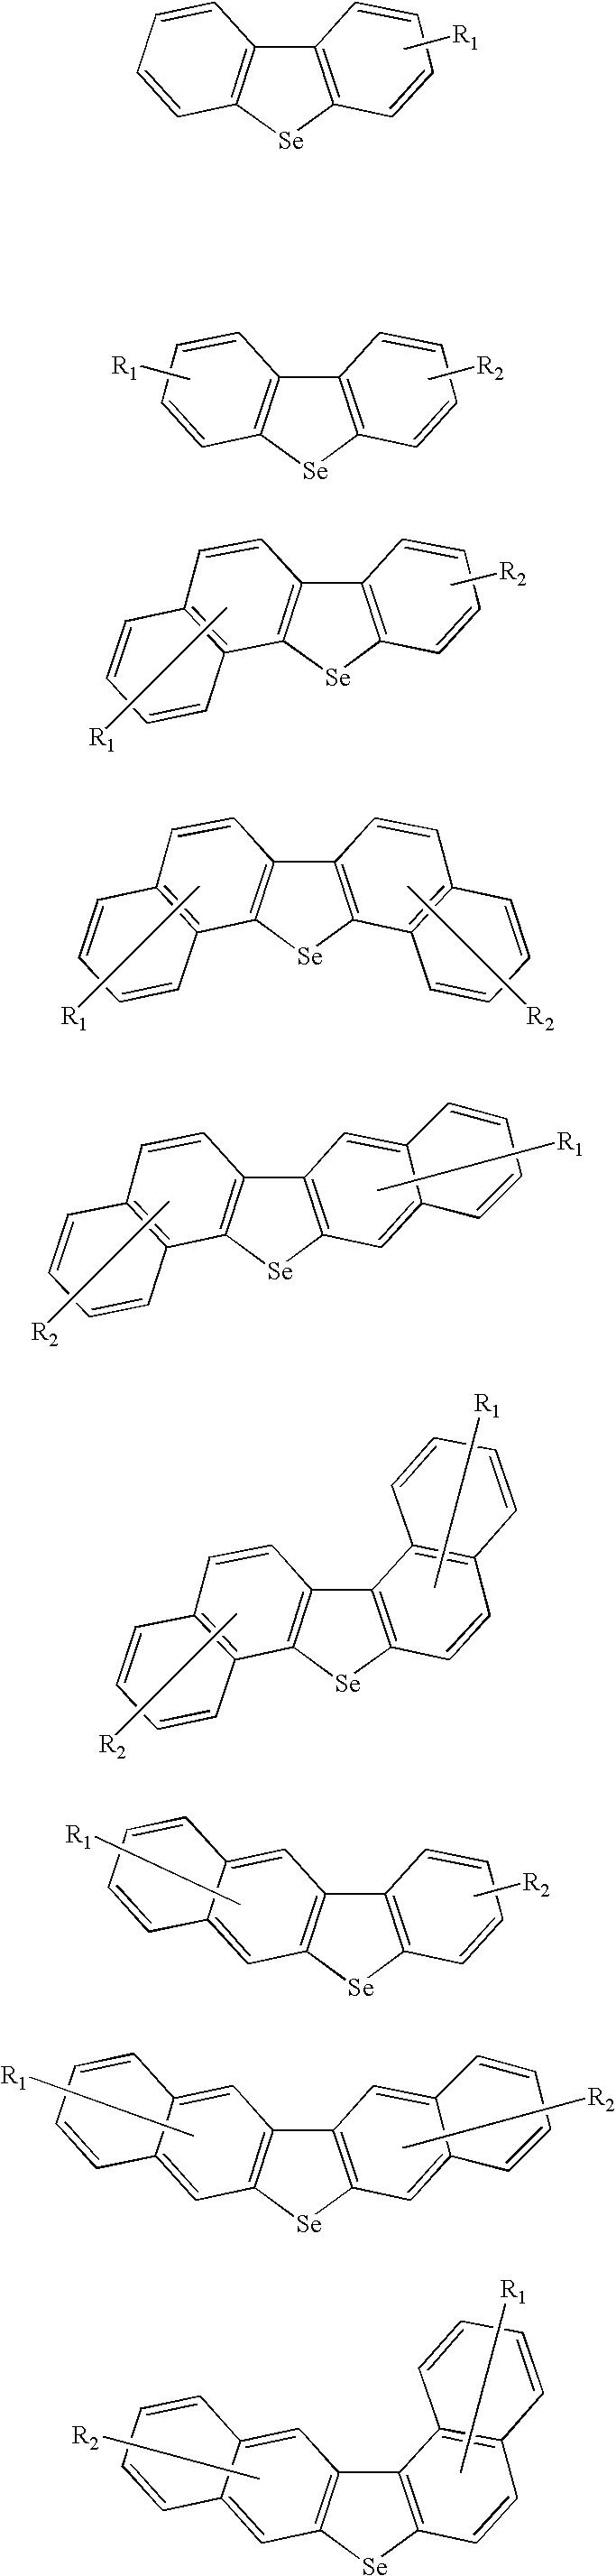 Figure US20100072887A1-20100325-C00228